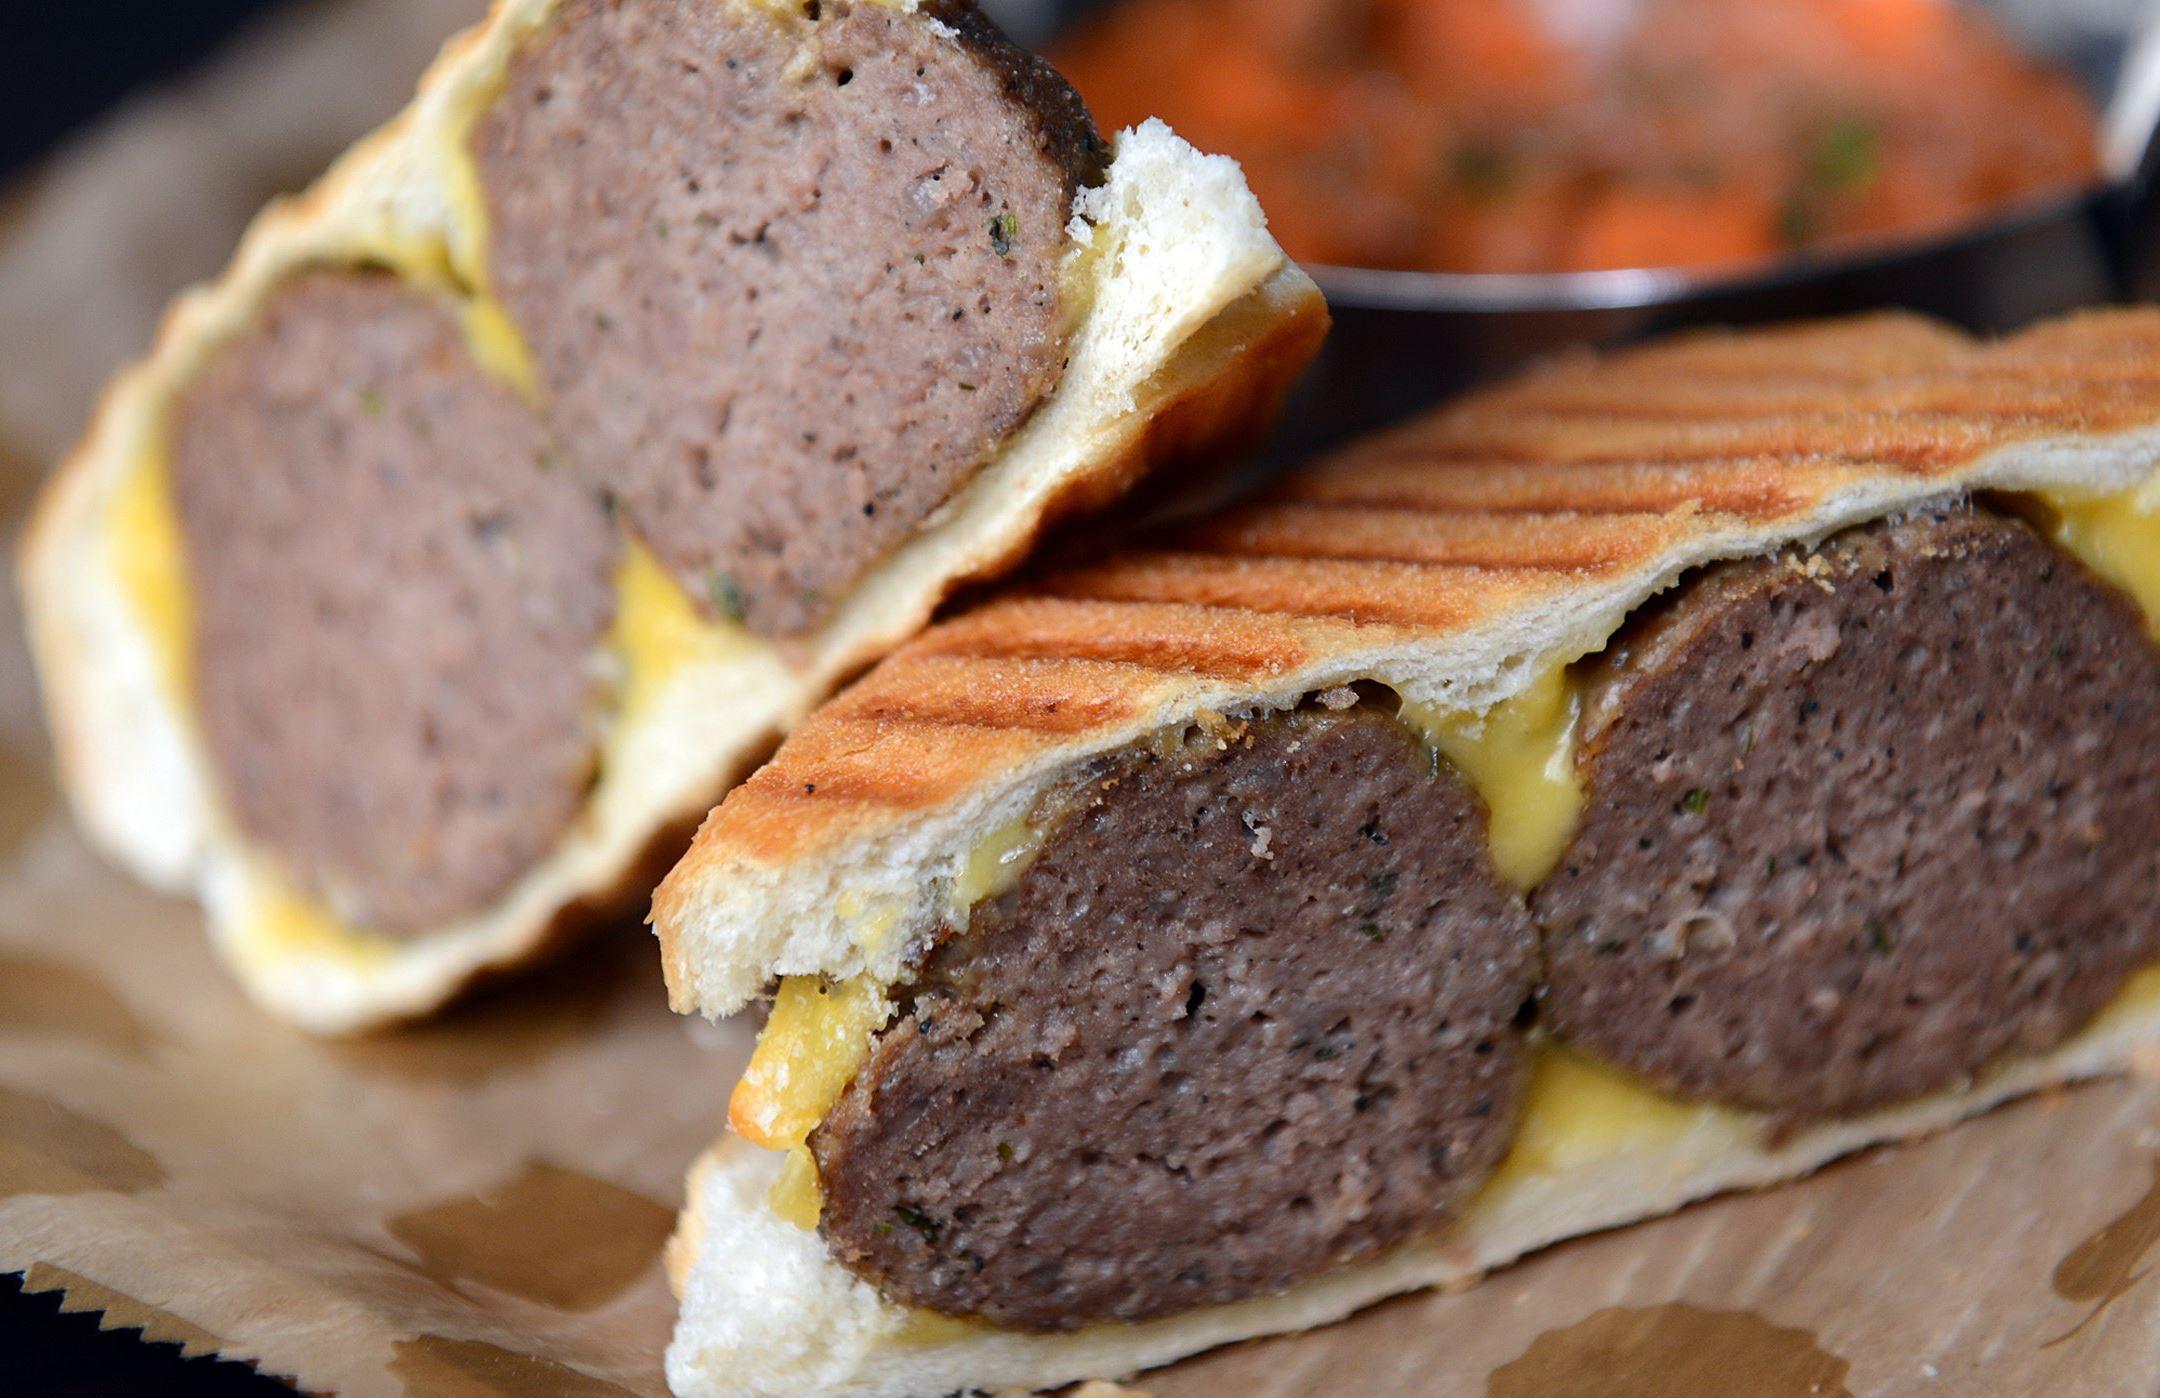 20140327jrMeatballFood3-2 Beef meatball panini.